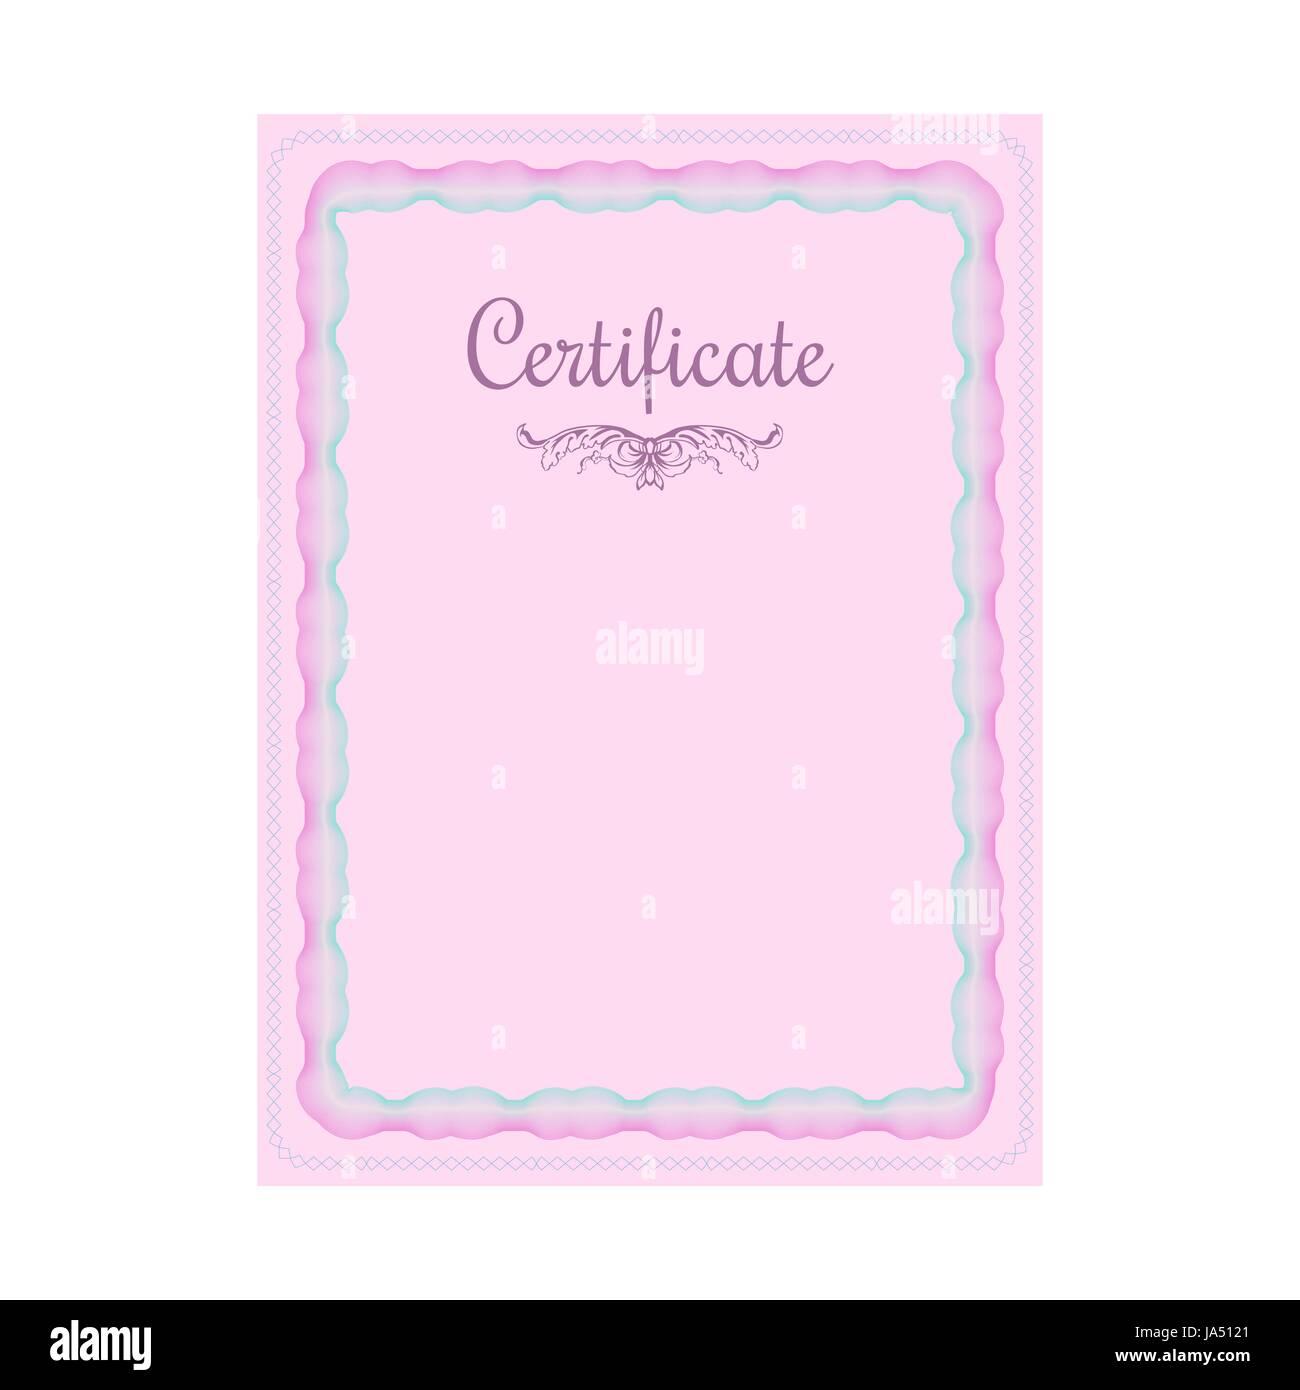 Nett Vergibt Zertifikatvorlagen Zeitgenössisch - Entry Level Resume ...